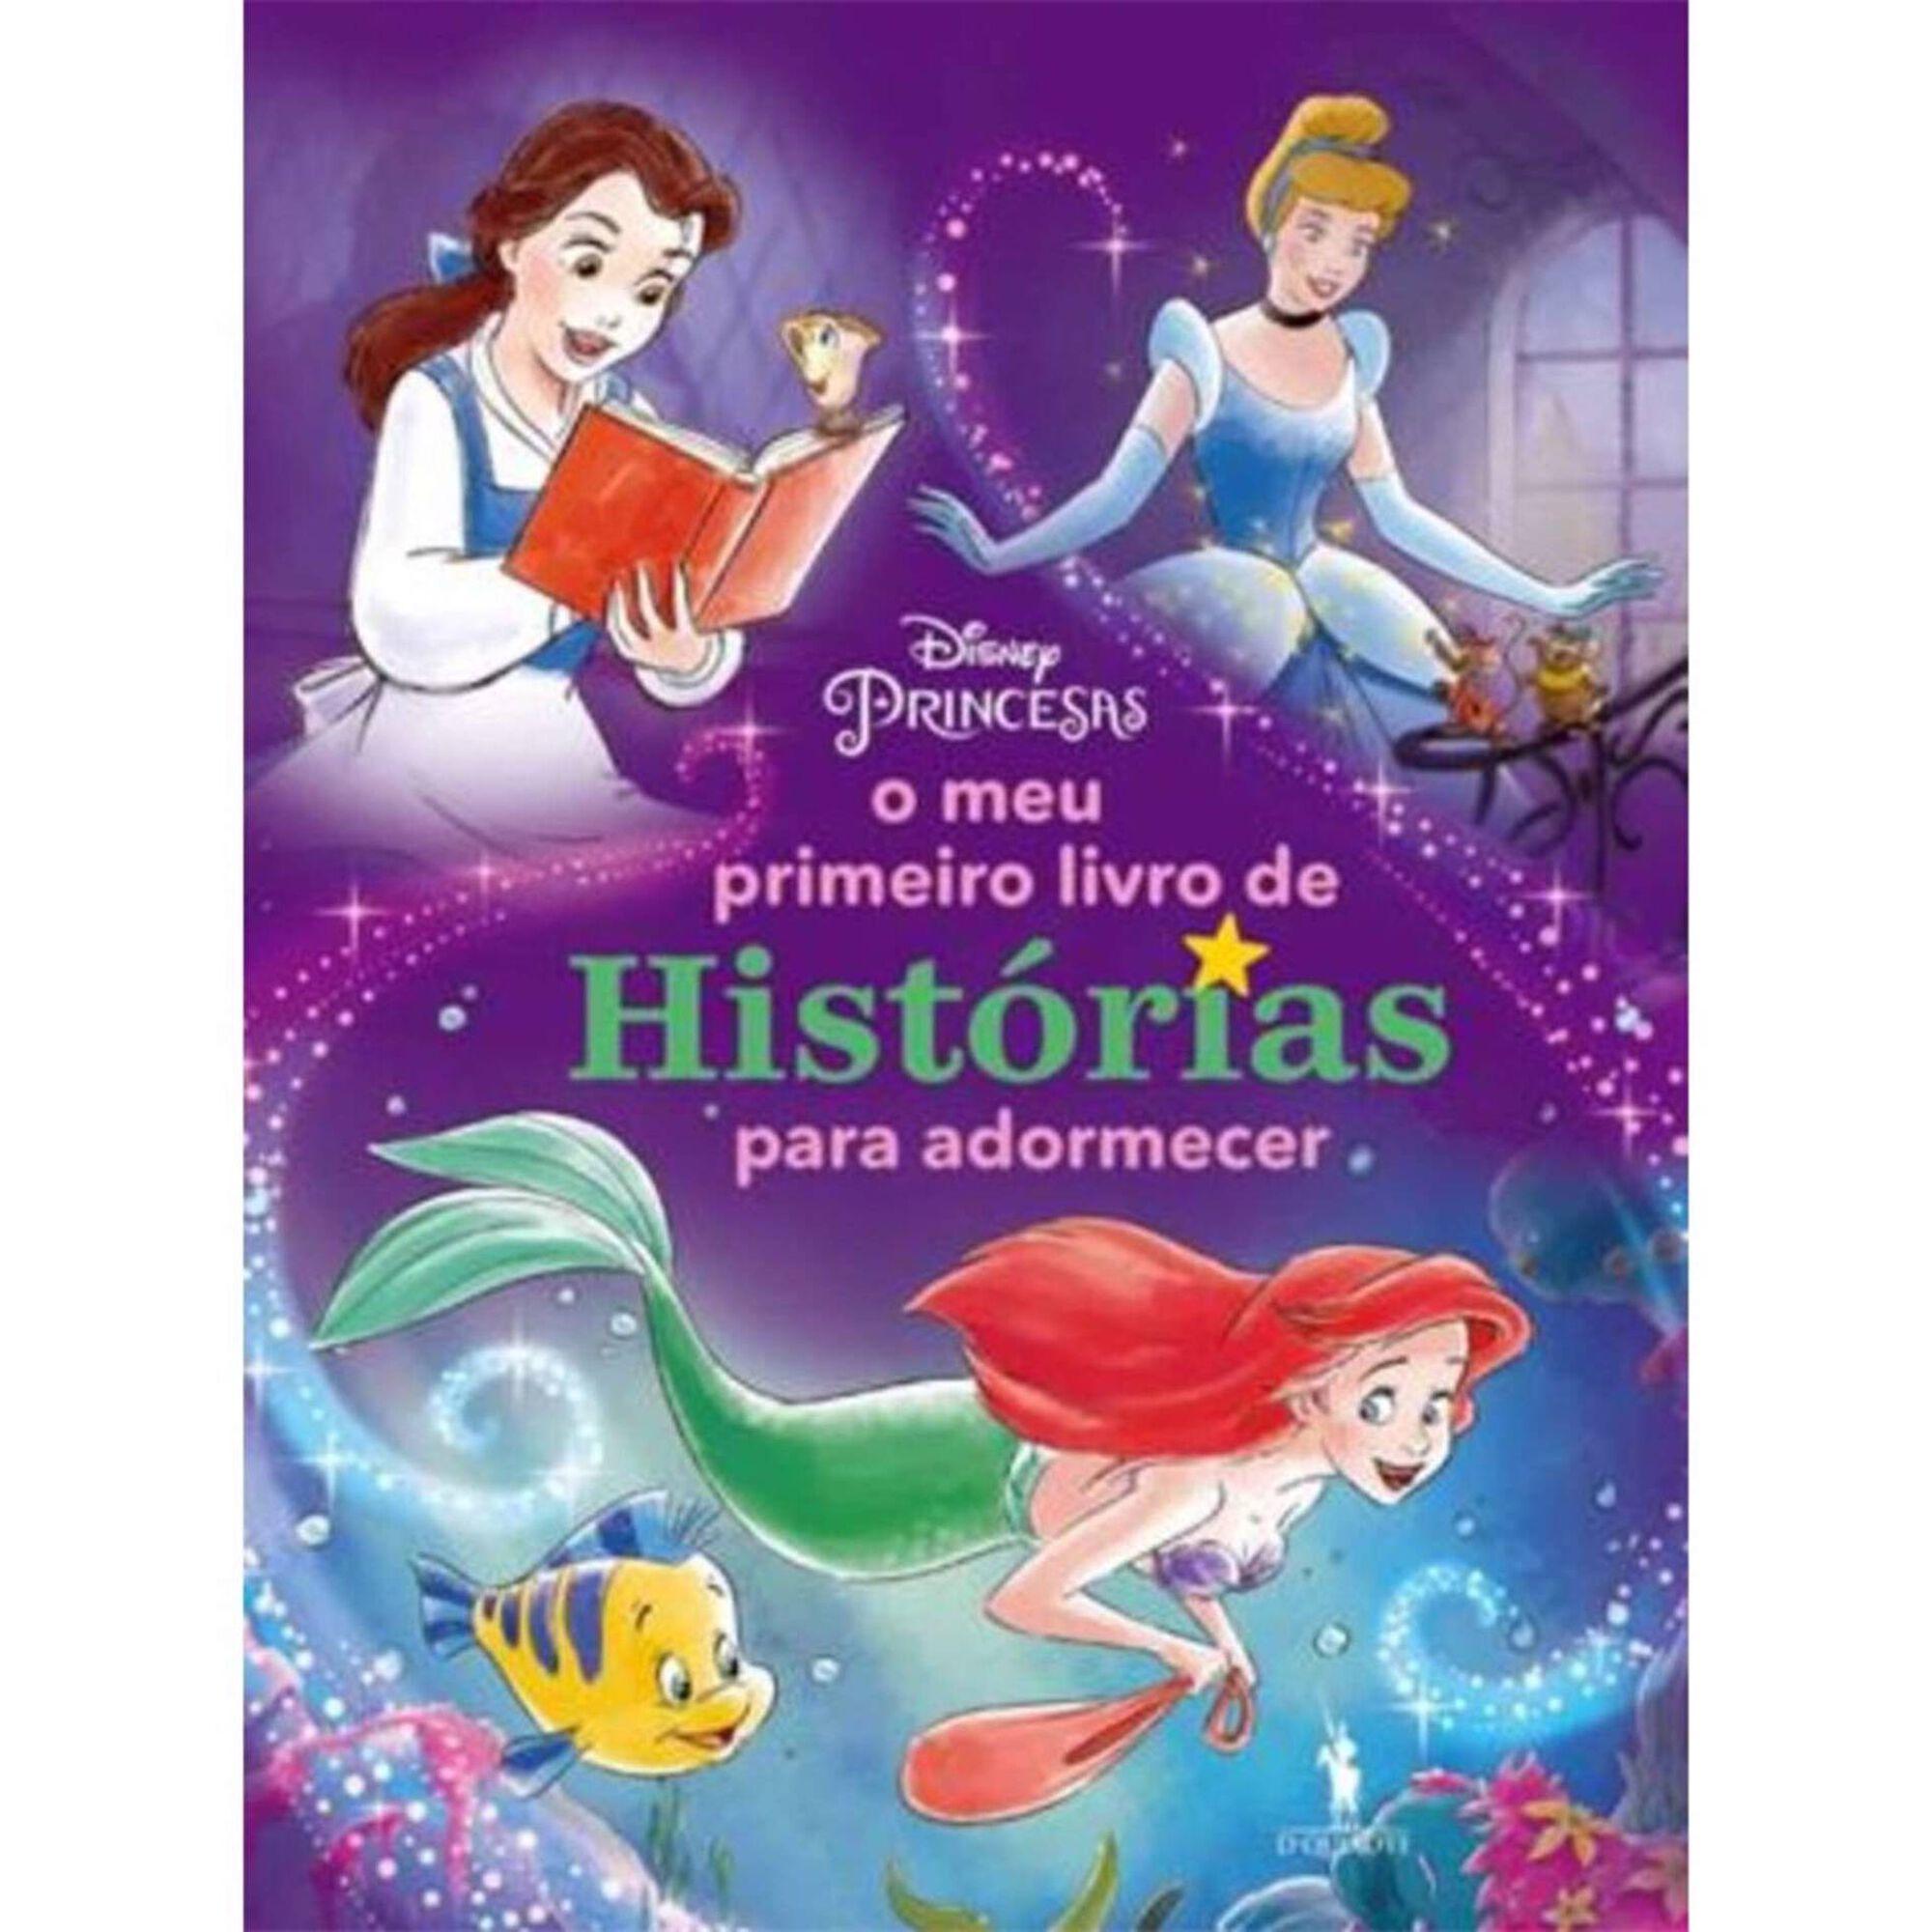 O Meu Primeiro Livro de Histórias para Adormecer - Princesas